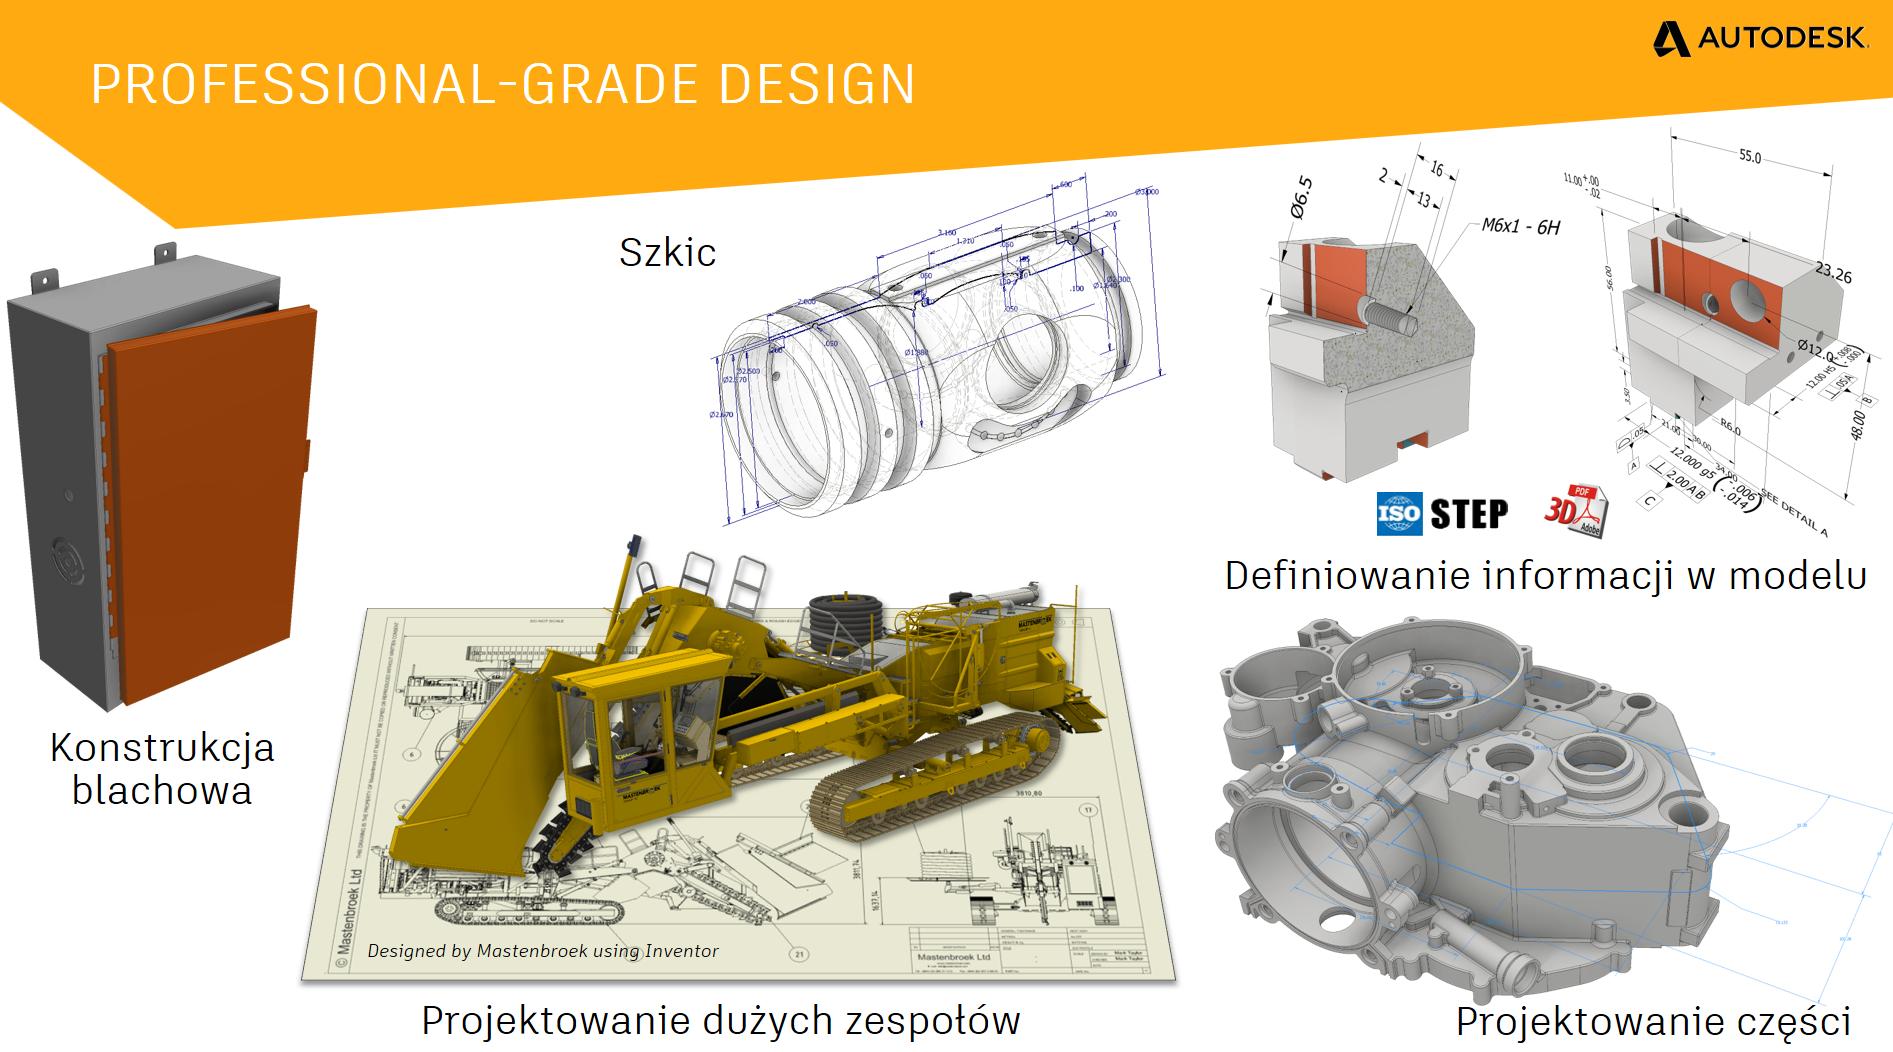 Możliwości wykorzystania Autodesk Inventor Professional